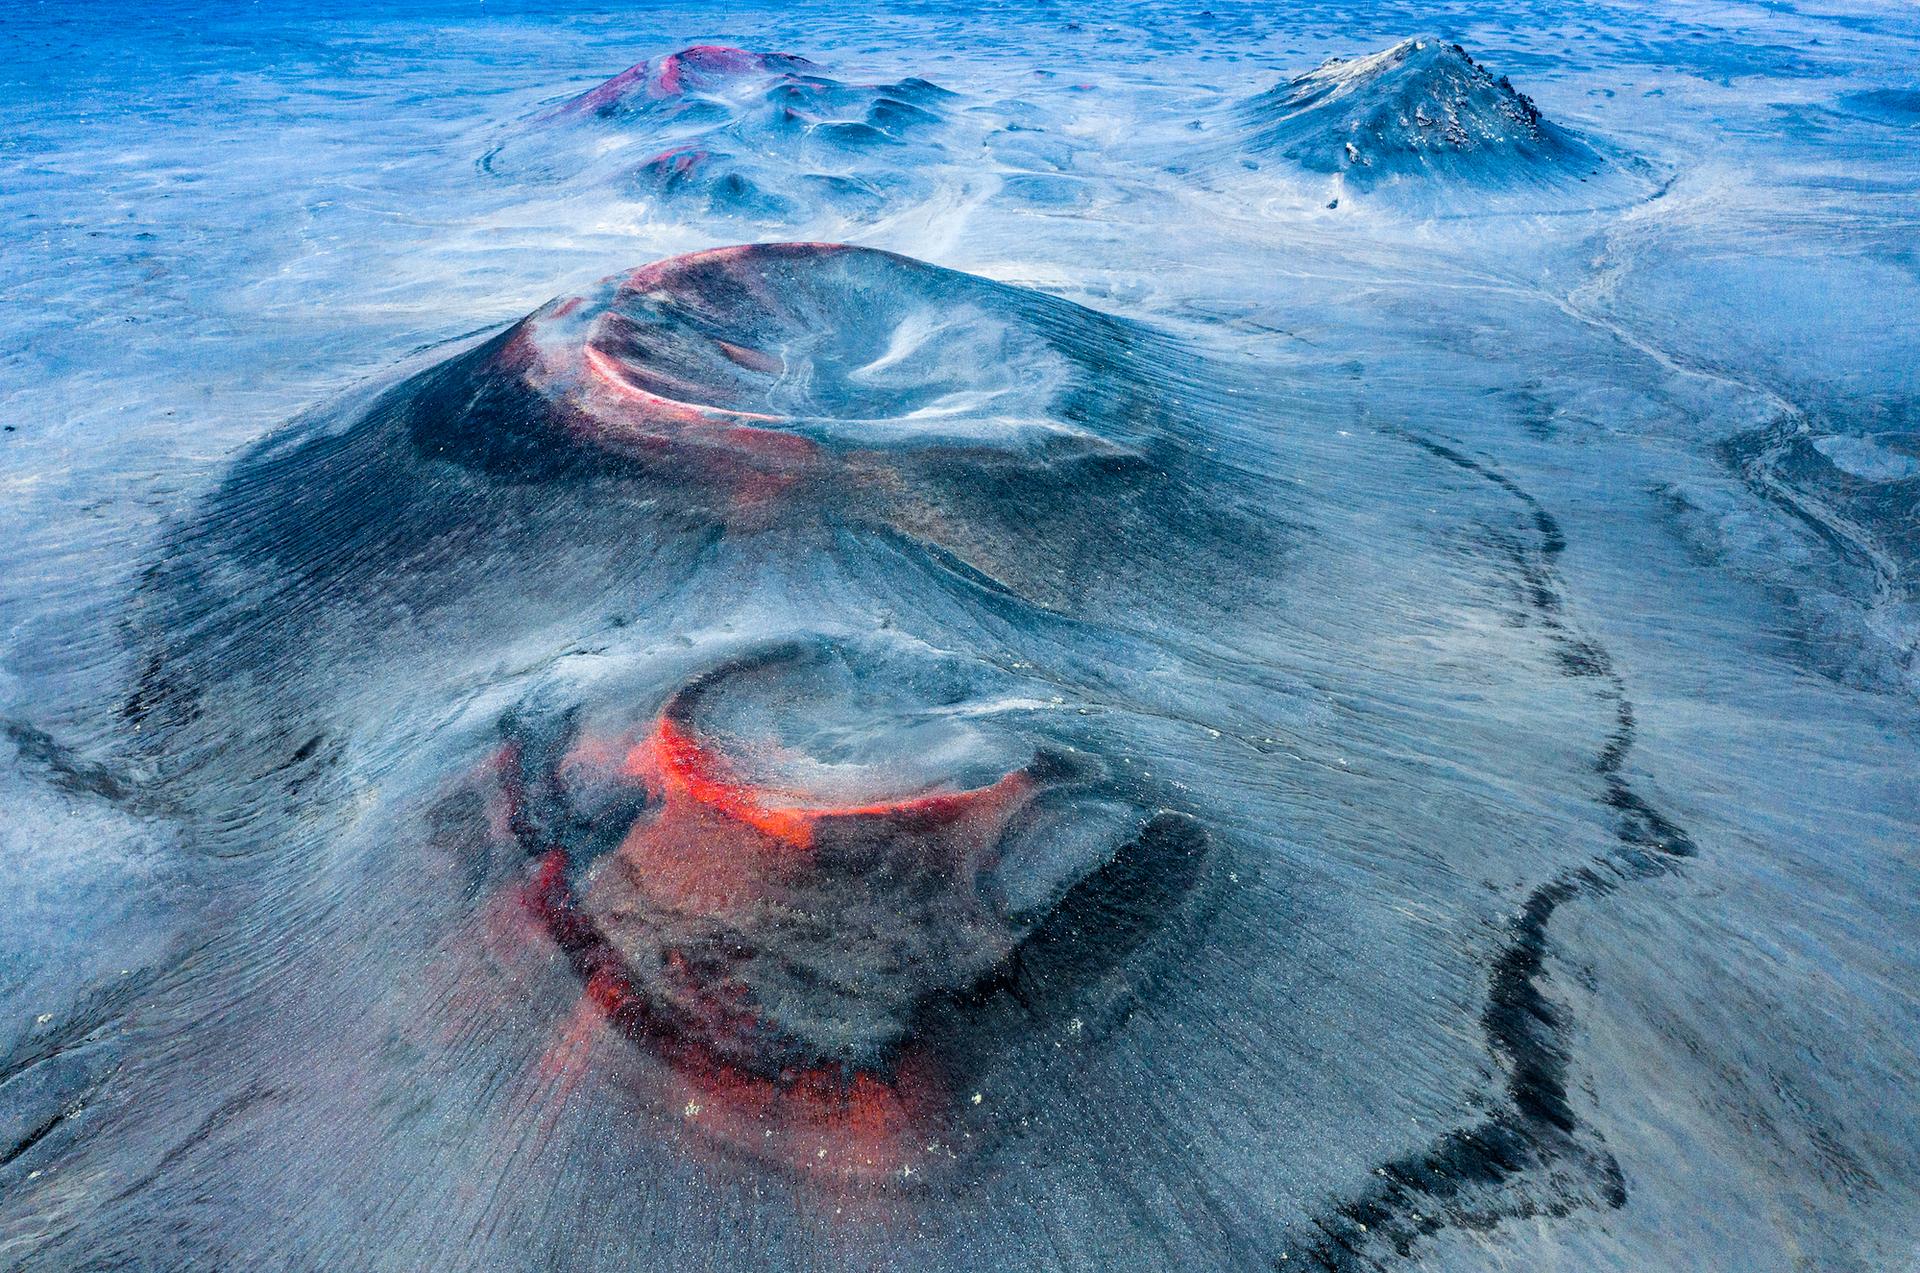 פוטו תמונות מתחרות BigPicture Natural World הר געש פינלנד